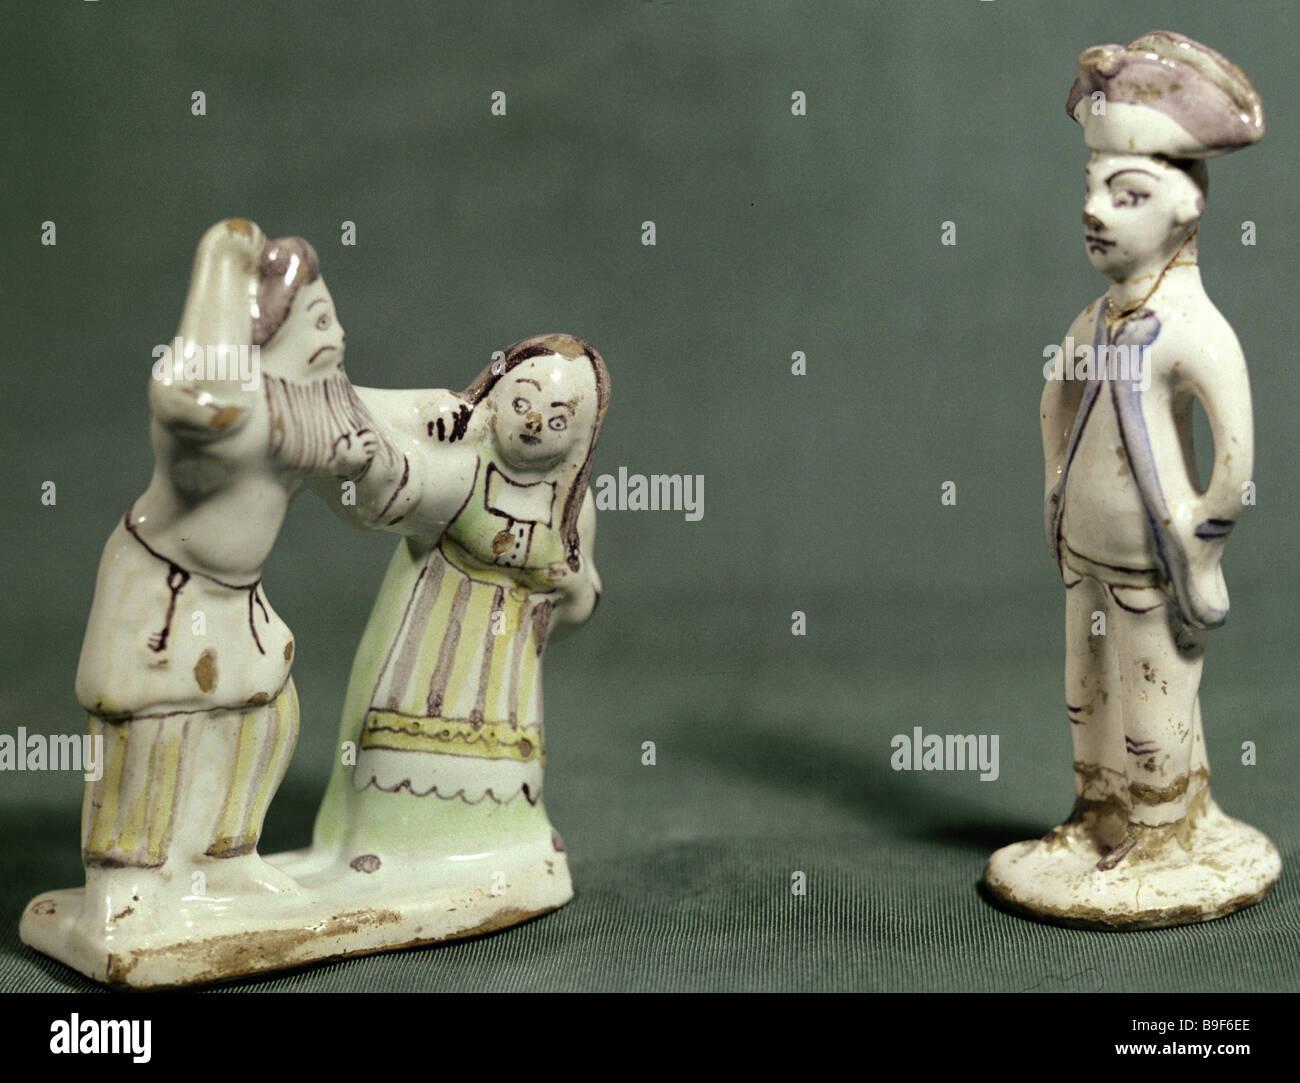 Ceramic figurines 18th century - Stock Image